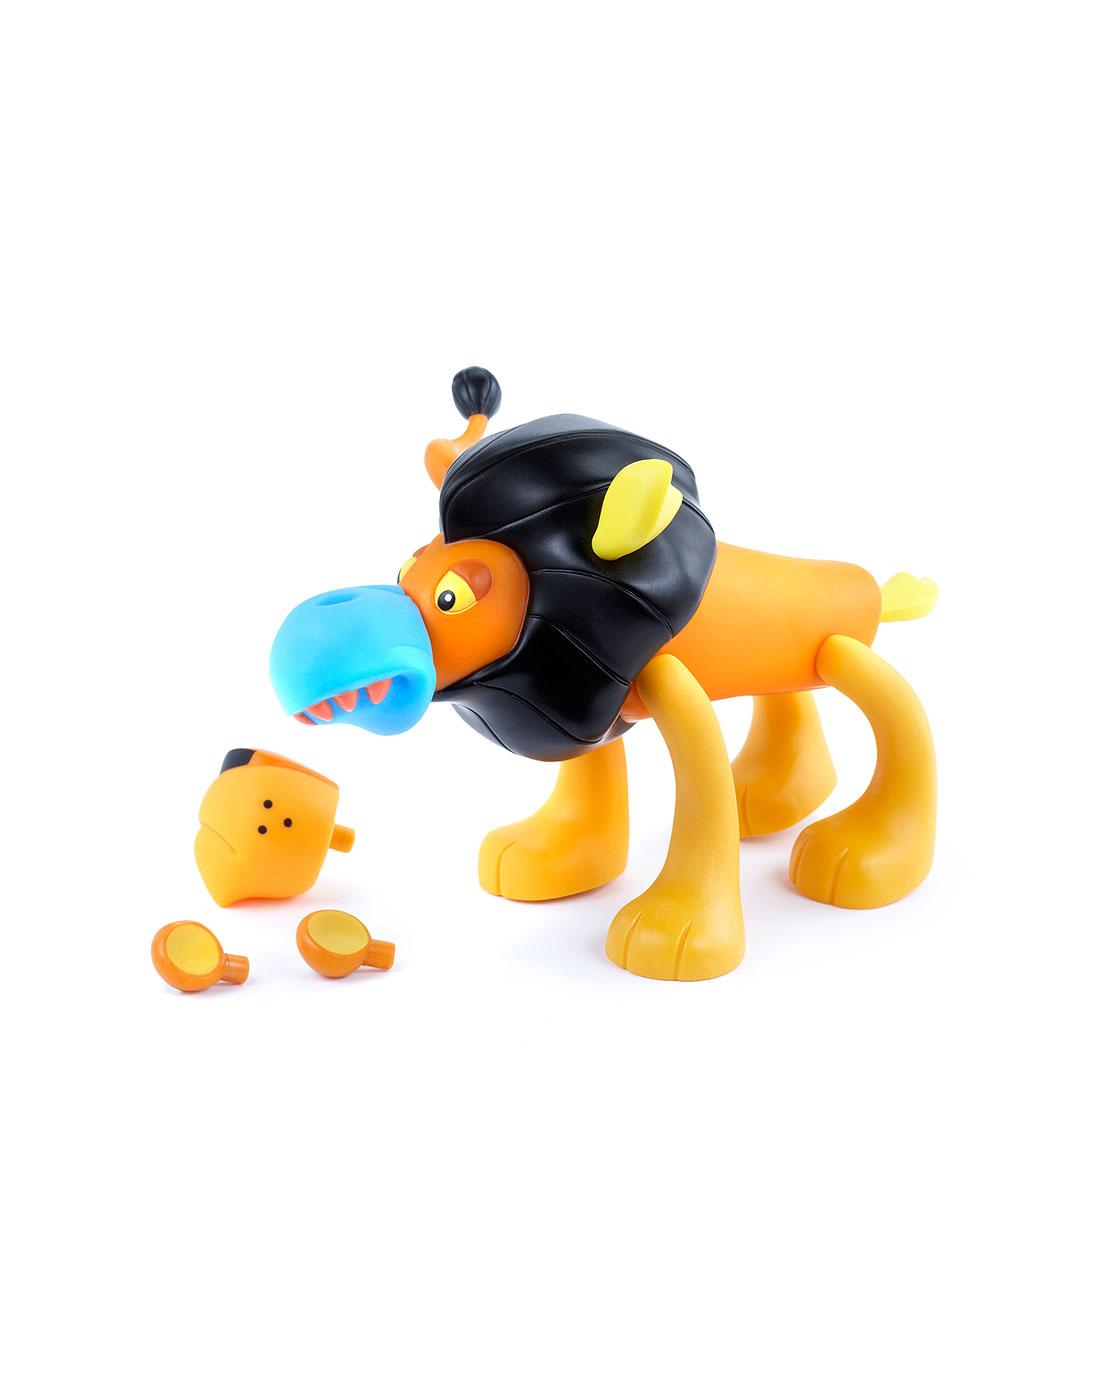 可爱动物玩具系列-狮子